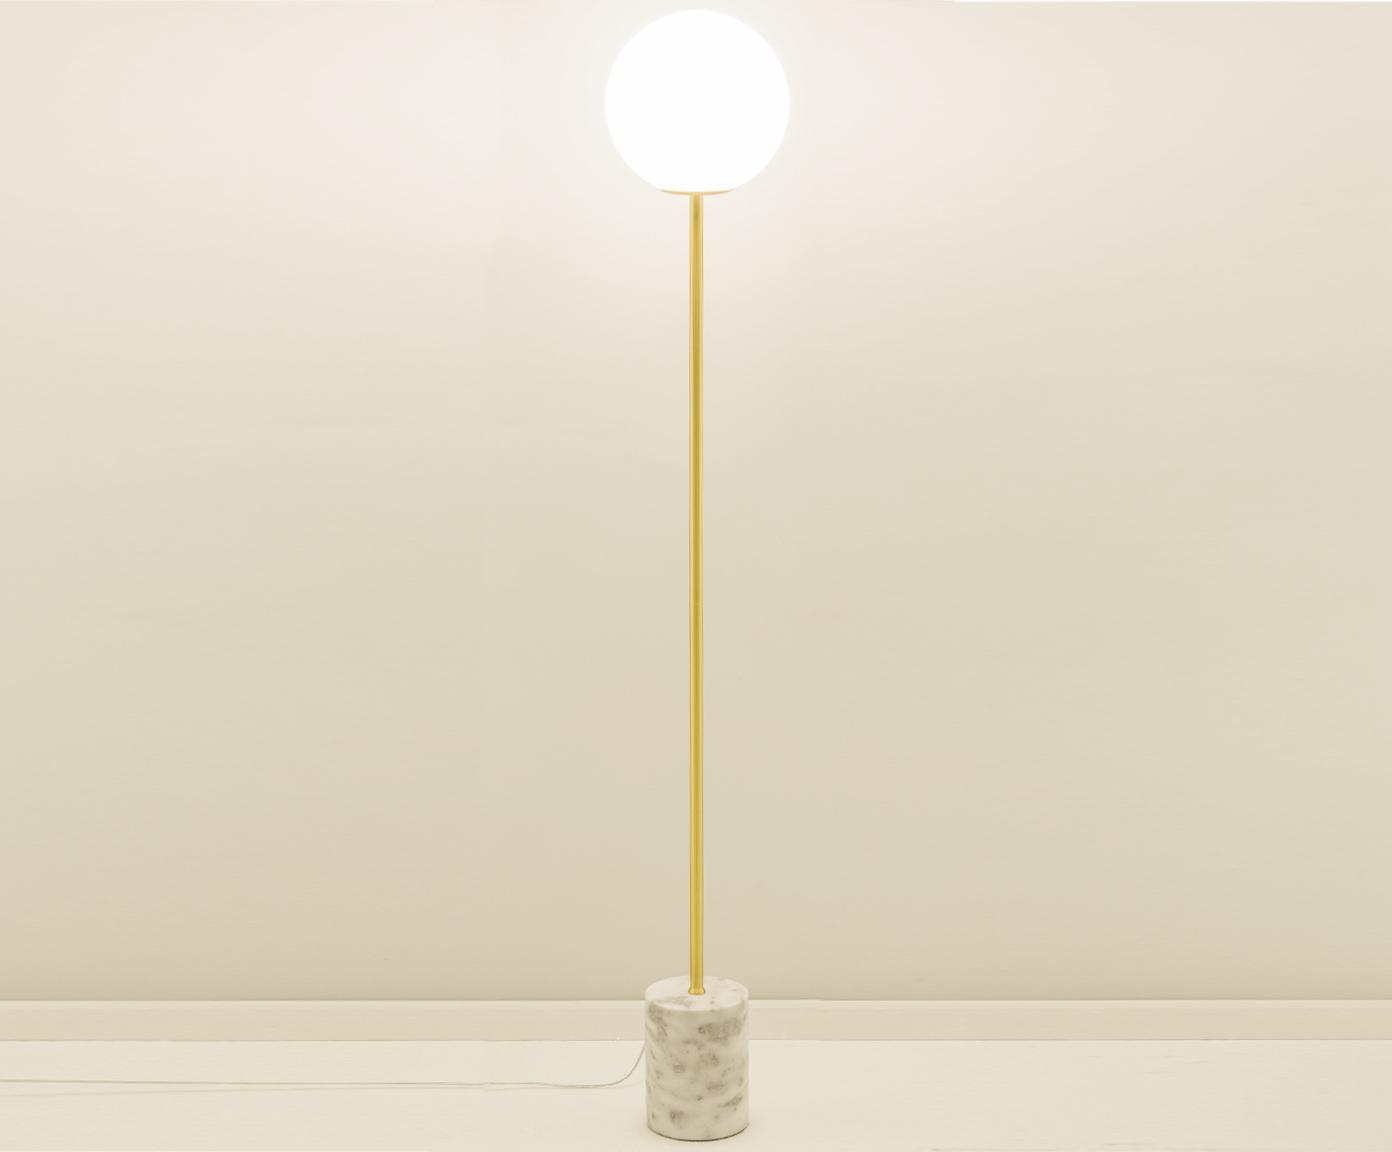 Vloerlamp Cory met marmeren voet, Lampenkap: glas, Lampvoet: vermessingd metaal, marme, Wit, messingkleurig, Ø 25 x H 160 cm